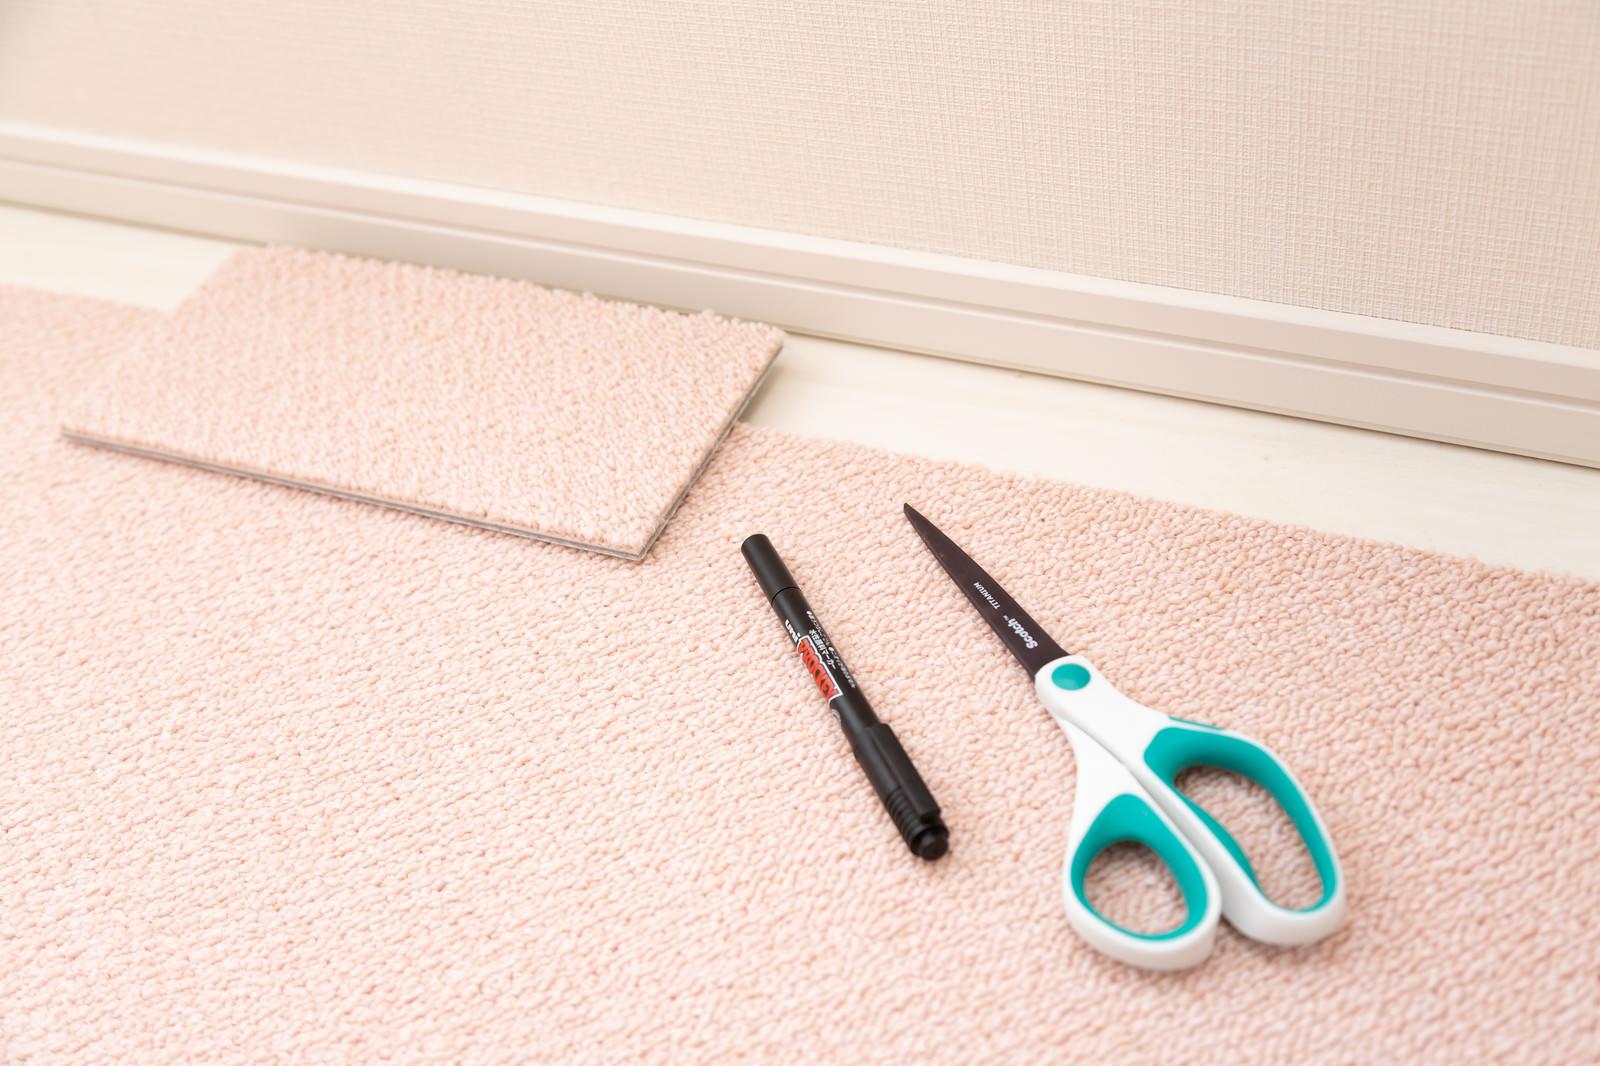 「タイルカーペットを隙間部分に合わせて切る」の写真